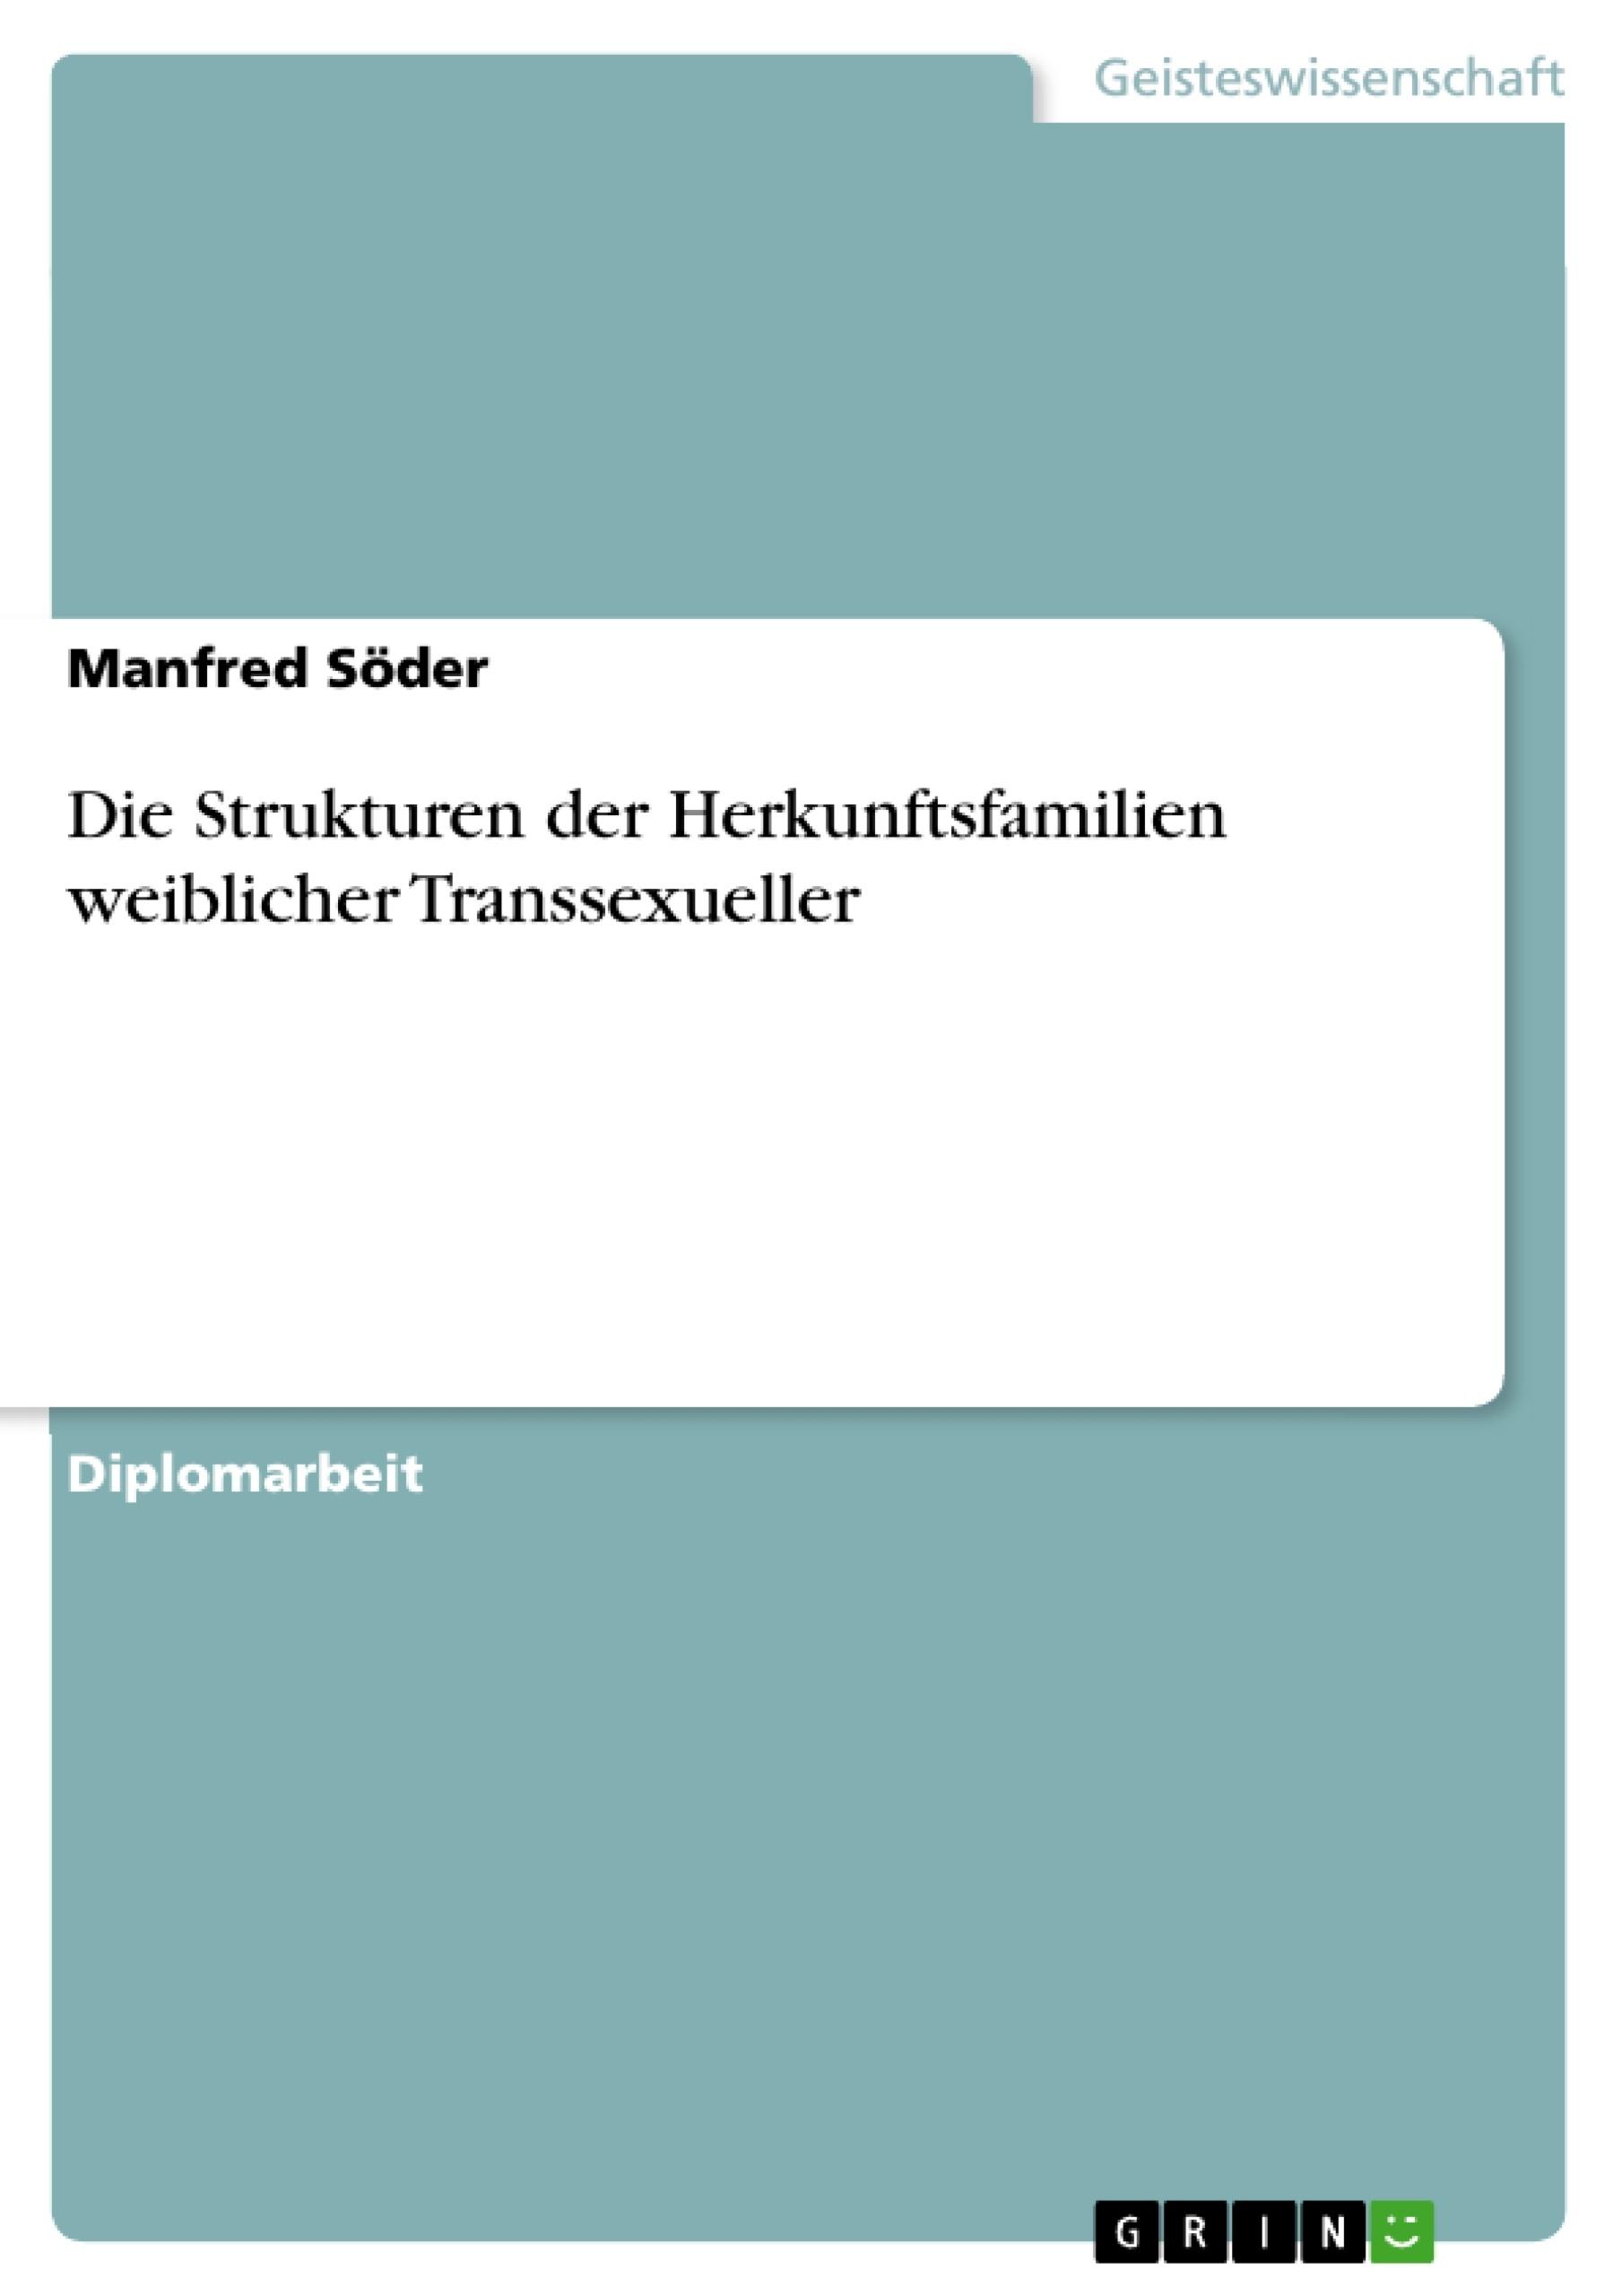 Titel: Die Strukturen der Herkunftsfamilien weiblicher Transsexueller